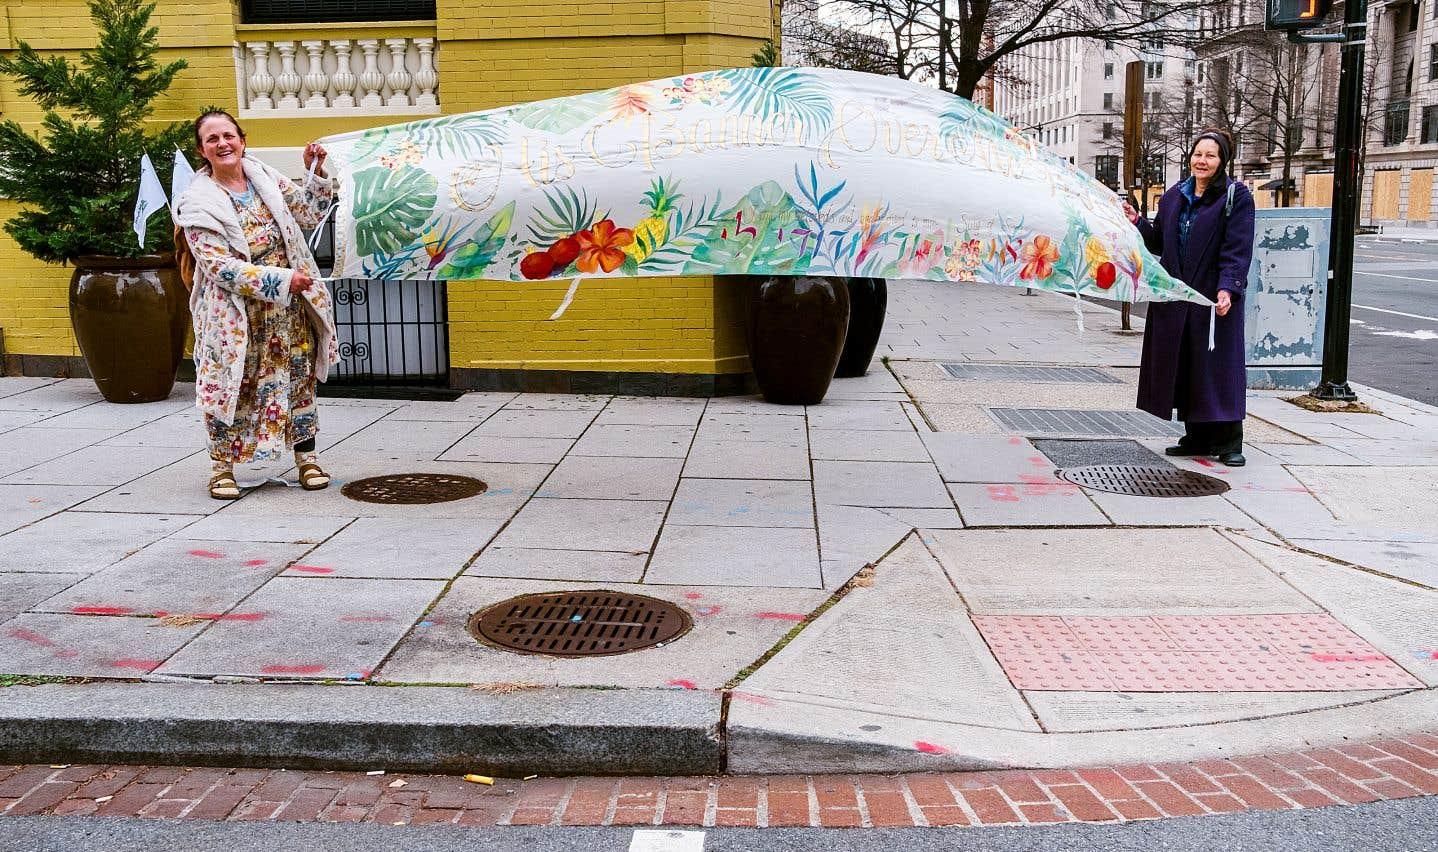 Deux femmes du mouvement Quaker sont venues à Washington de Portland en Oregon pour faire une marche de prière autour de la zone barricadée. «On sait que l'élection a été volée, on prie pour que la vérité sorte, mais aussi pour éviter une guerre civile, pour le pays».